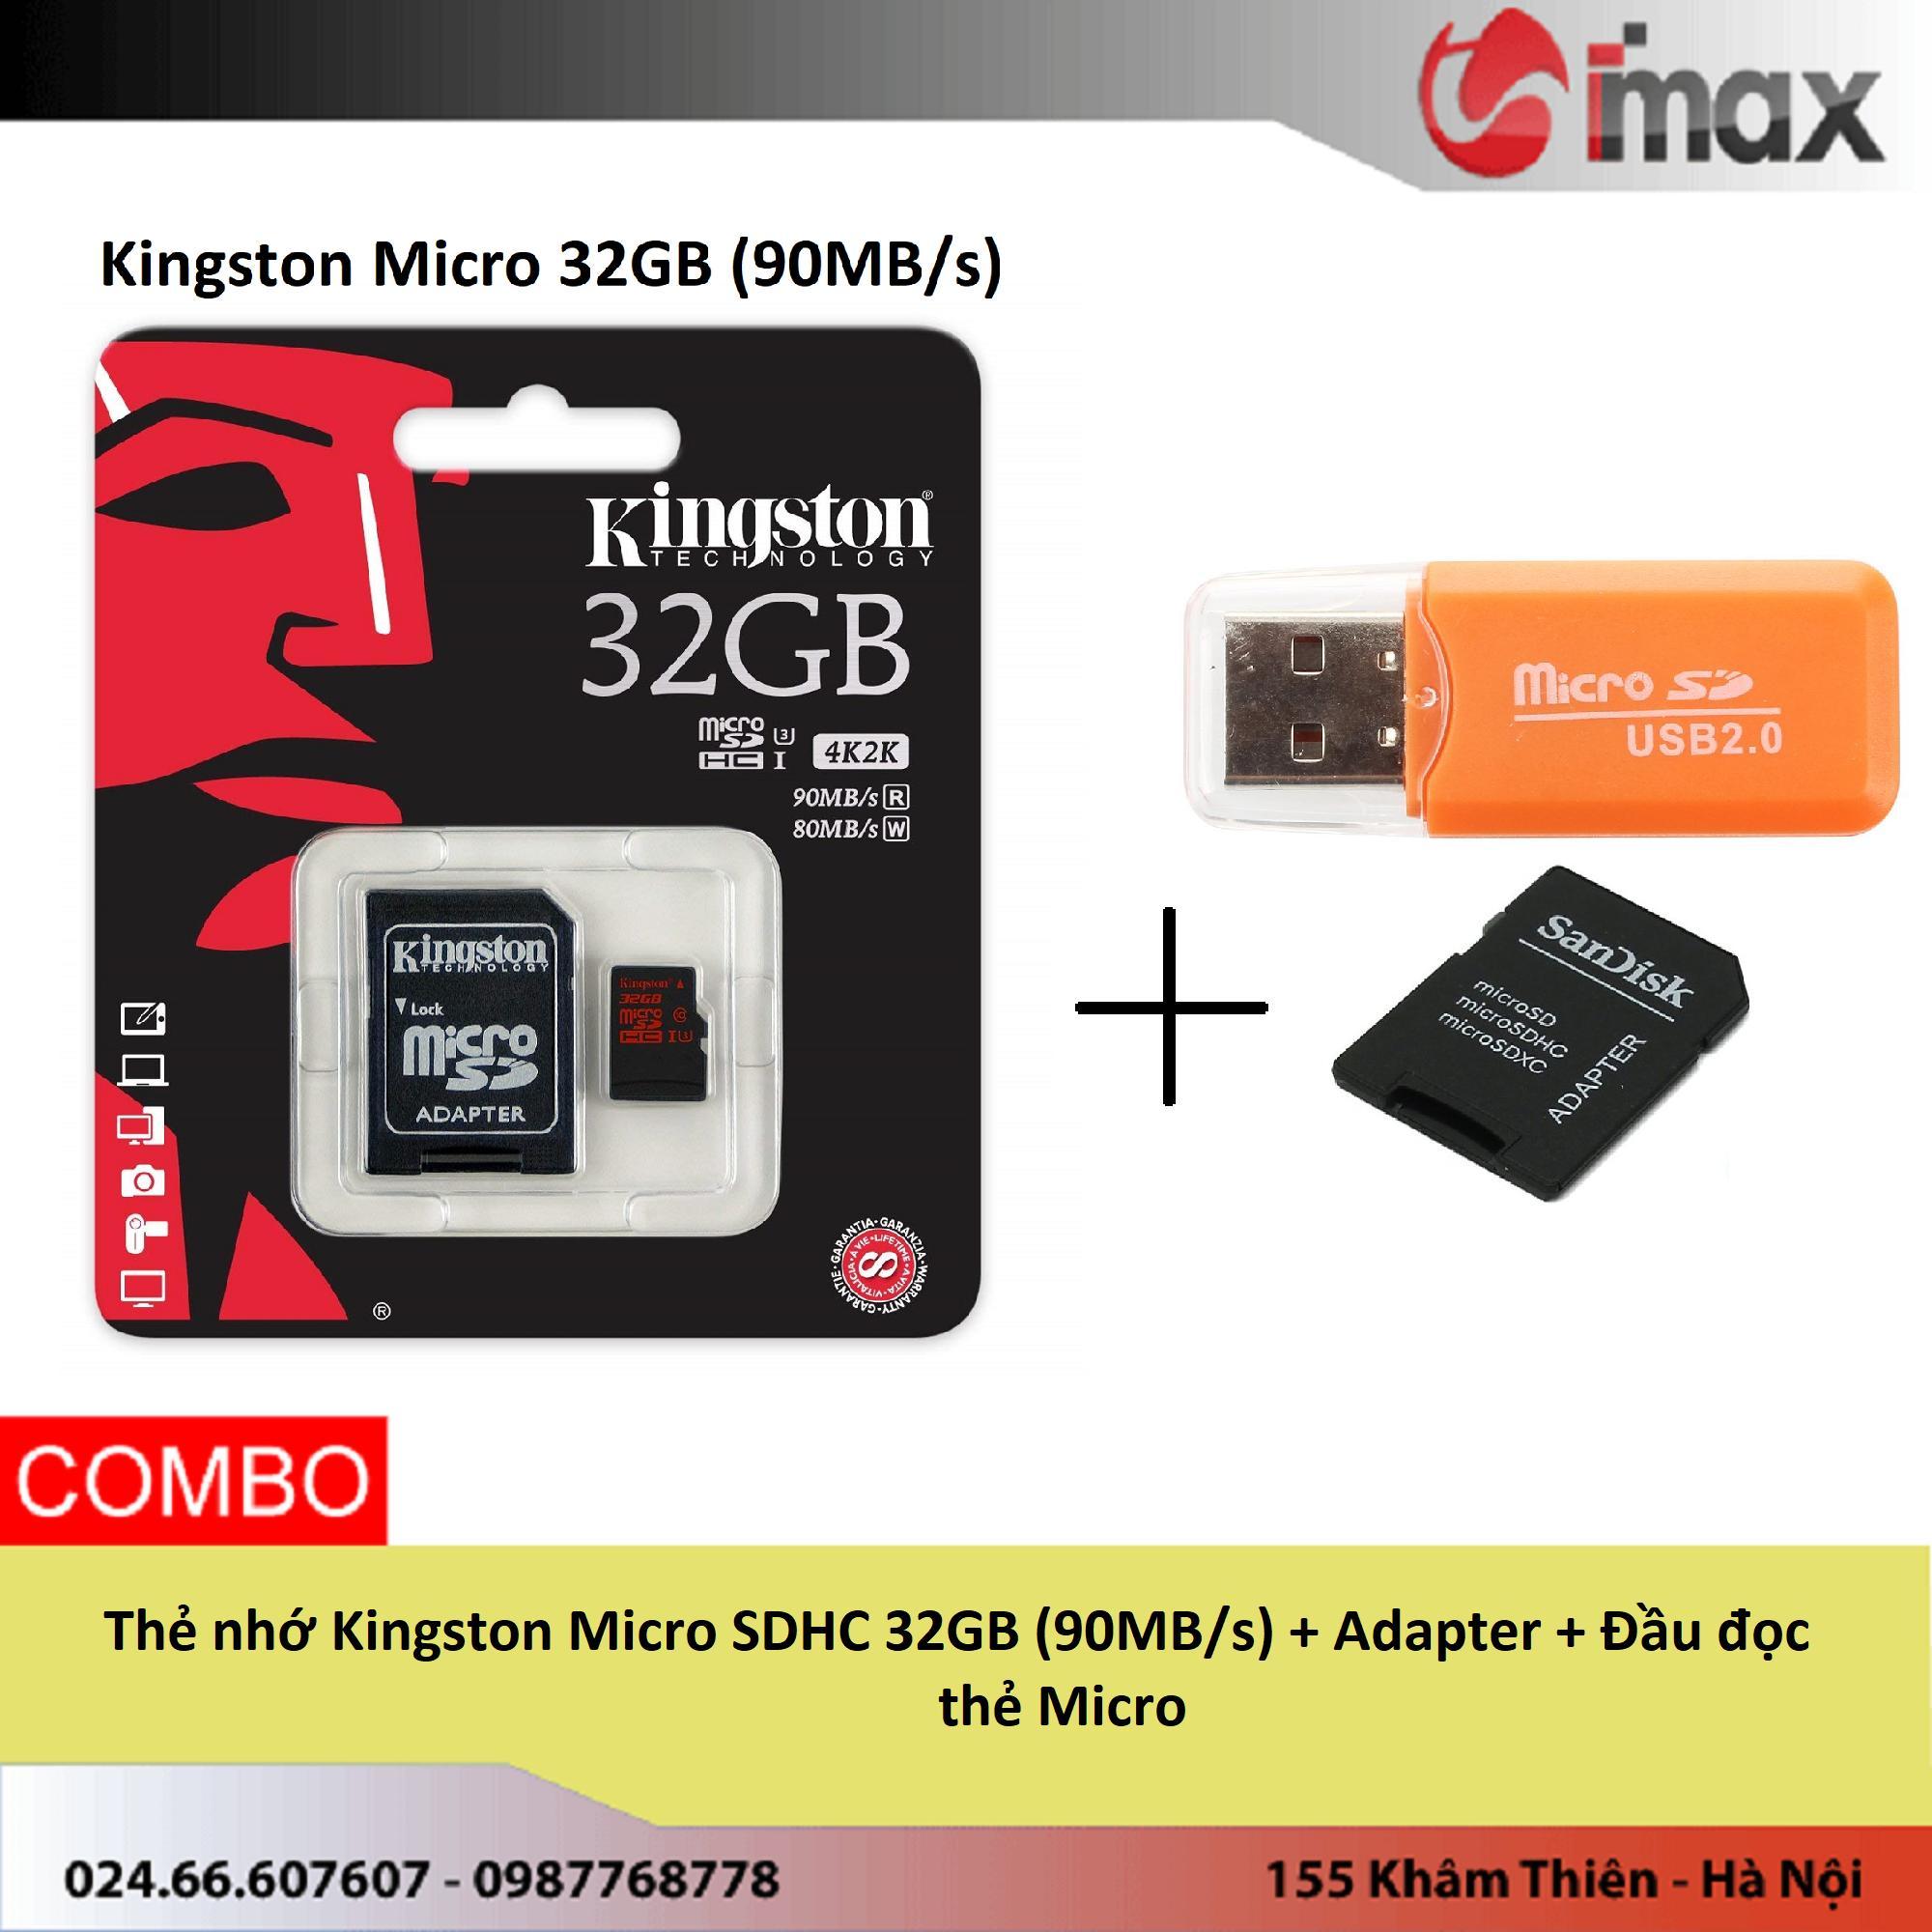 Thẻ nhớ Kingston Micro SDHC 32GB (90MB/s) + Adapter + Đầu đọc thẻ Micro